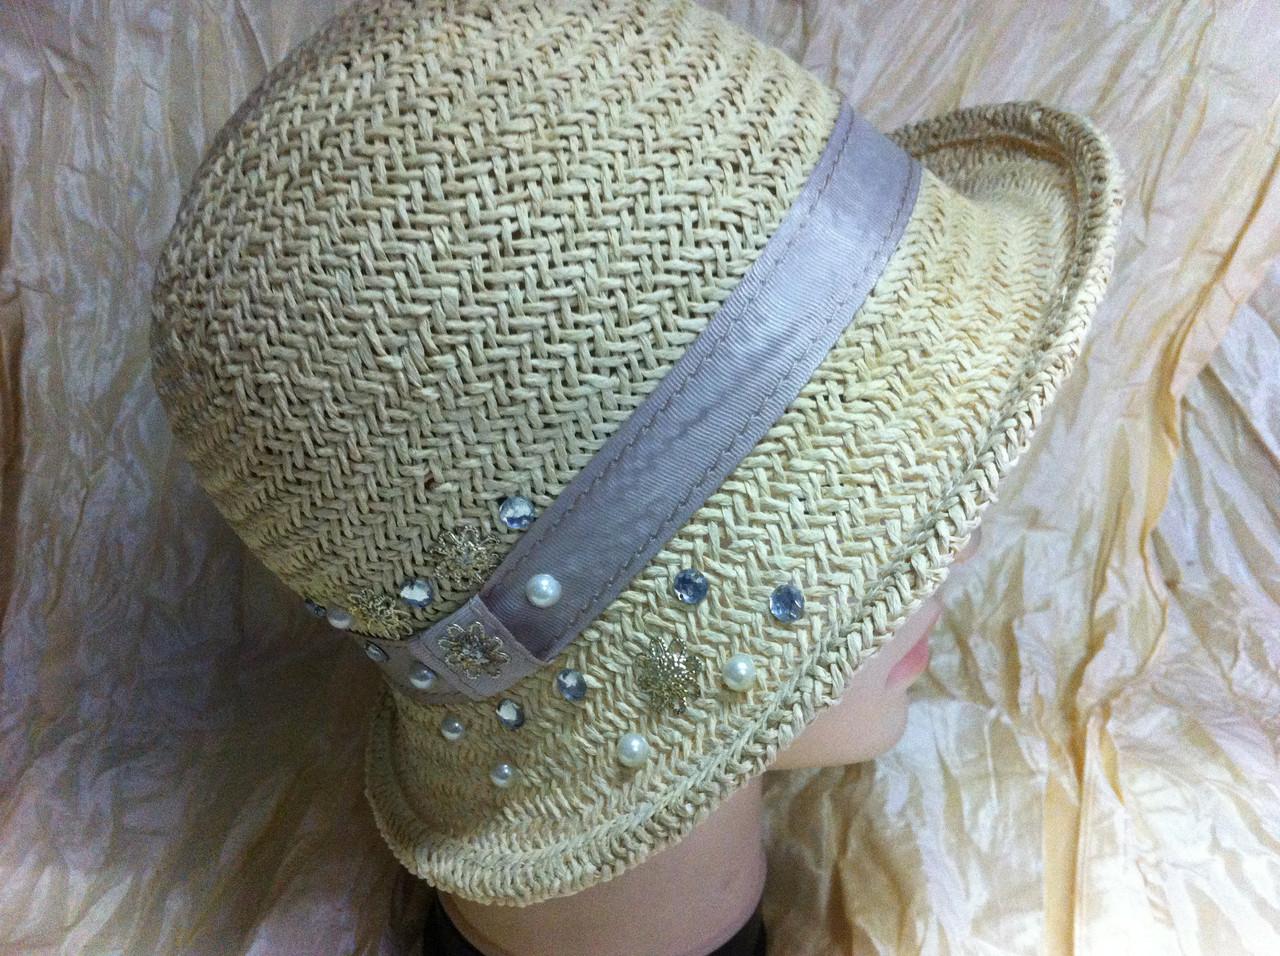 Річна жіноча капелюх з натуральної соломки від сонячних променів